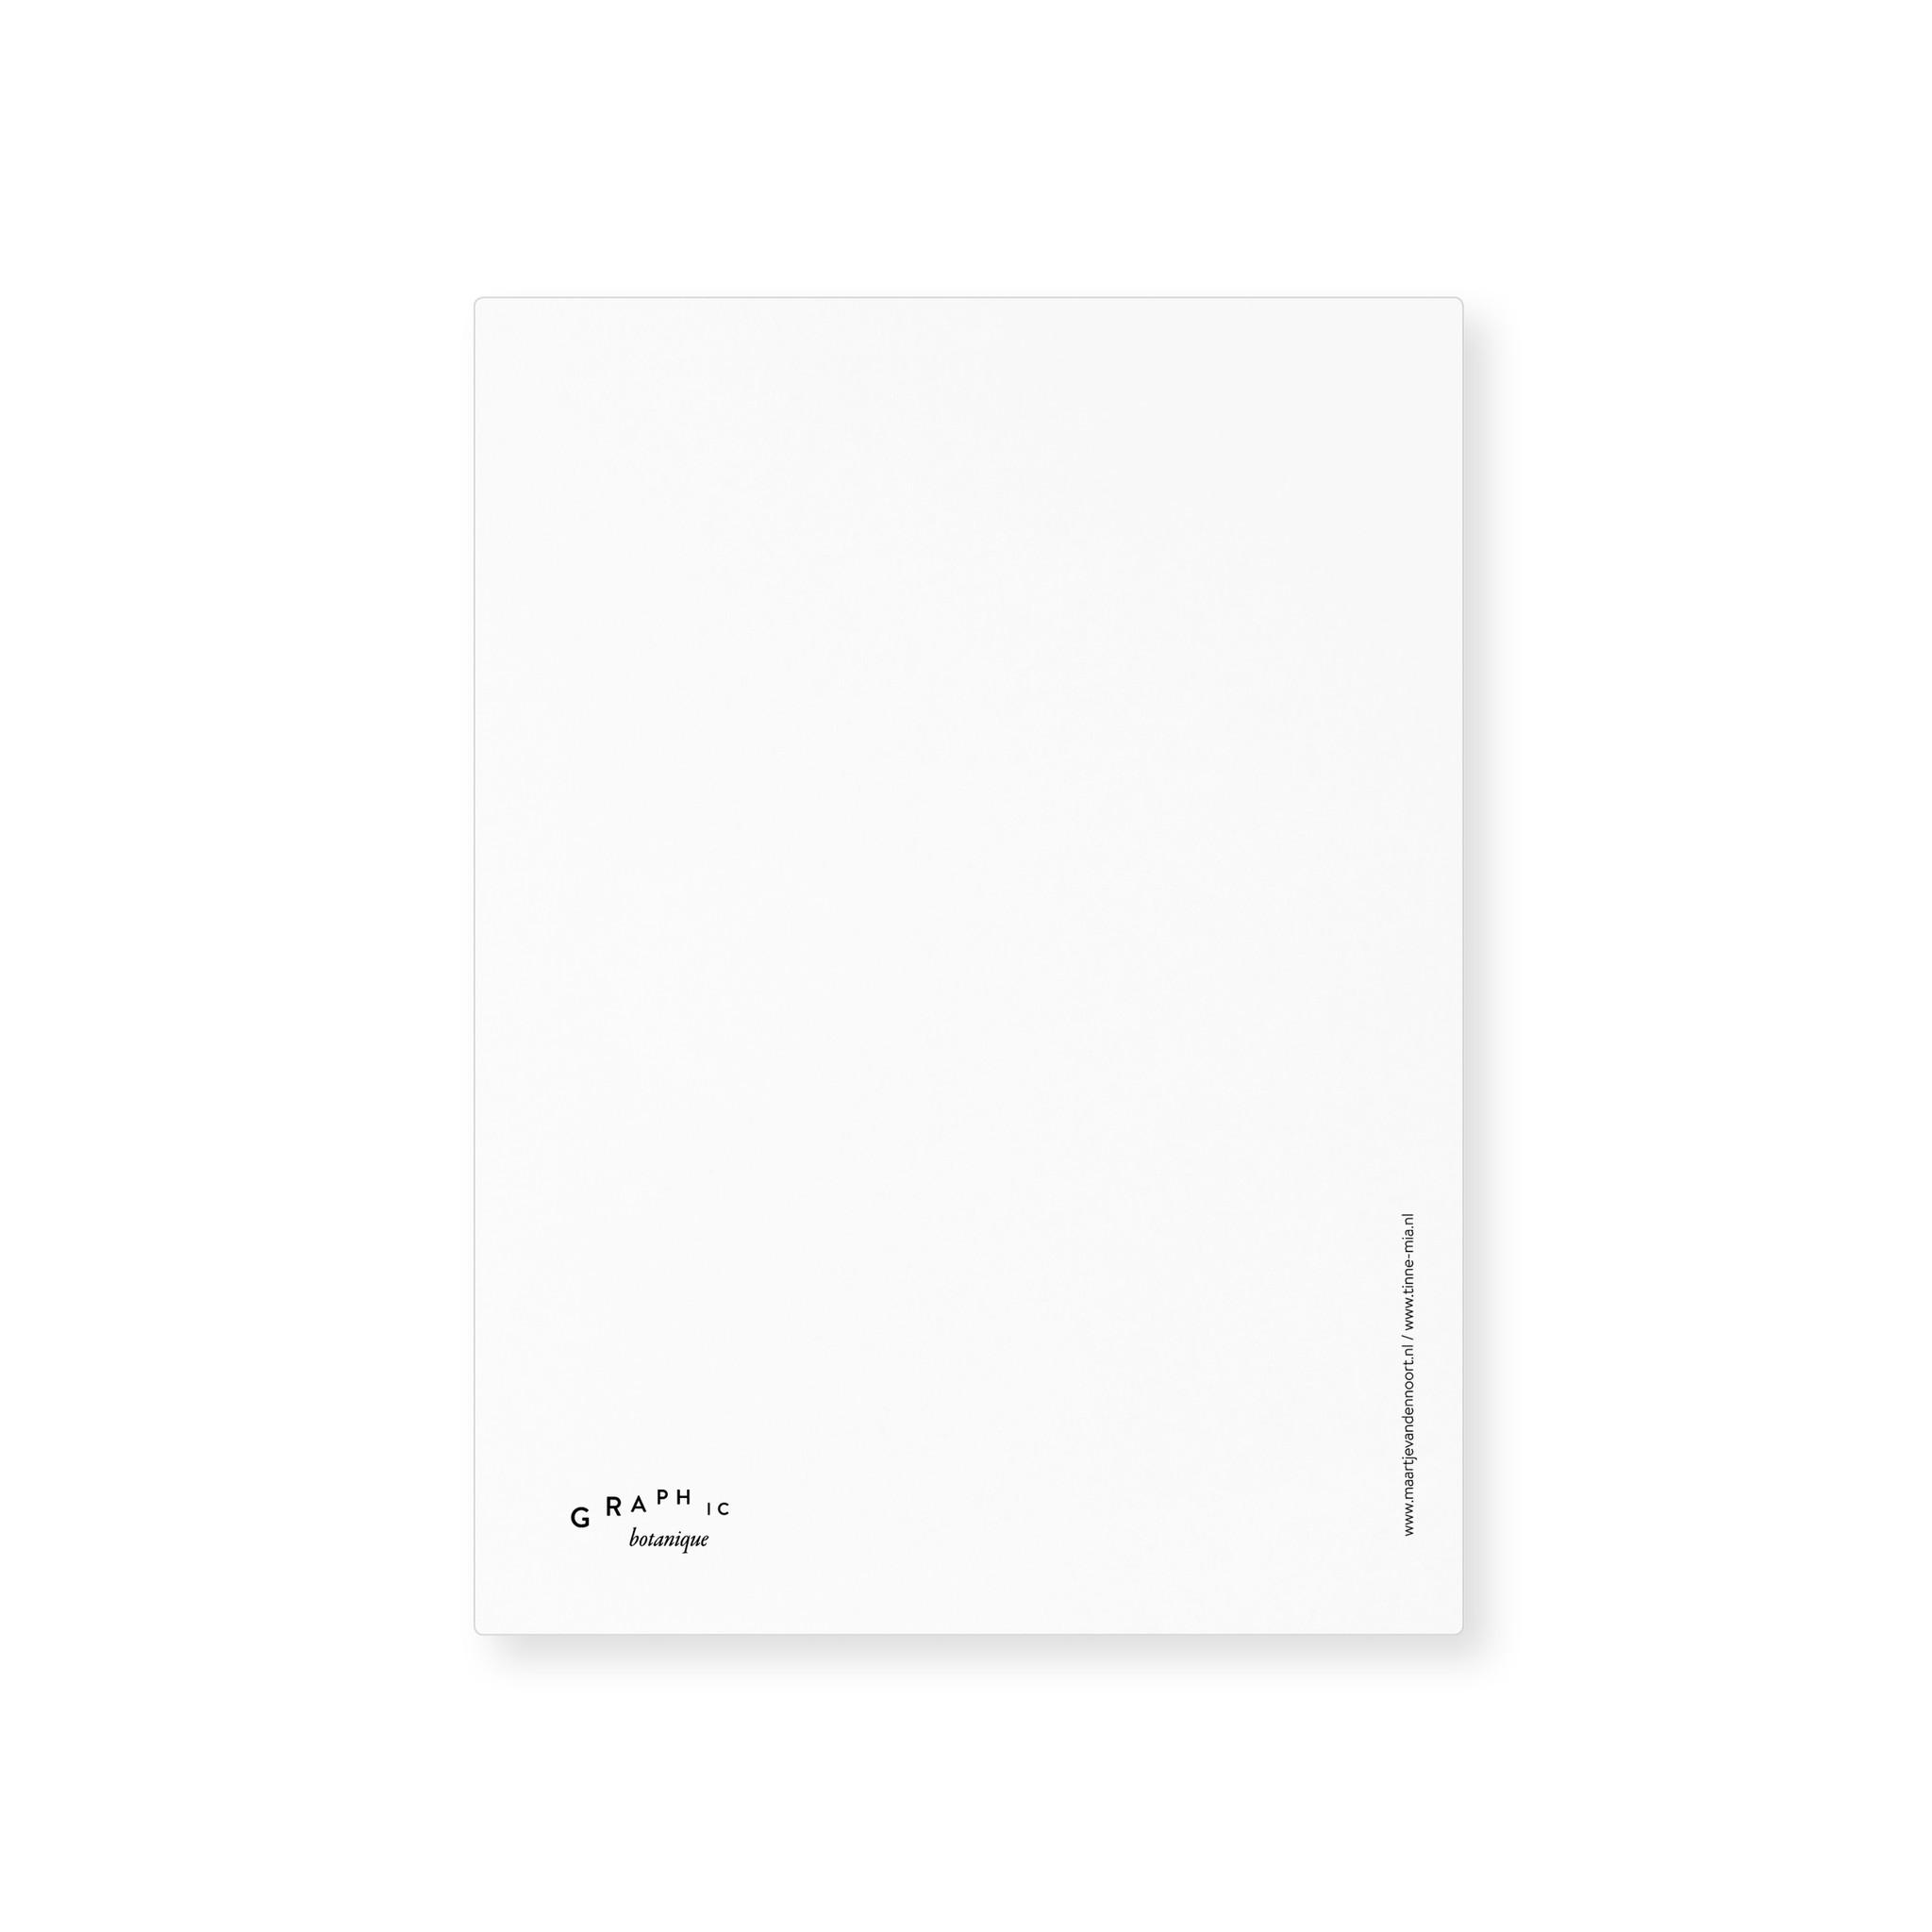 Card - Umbel-2